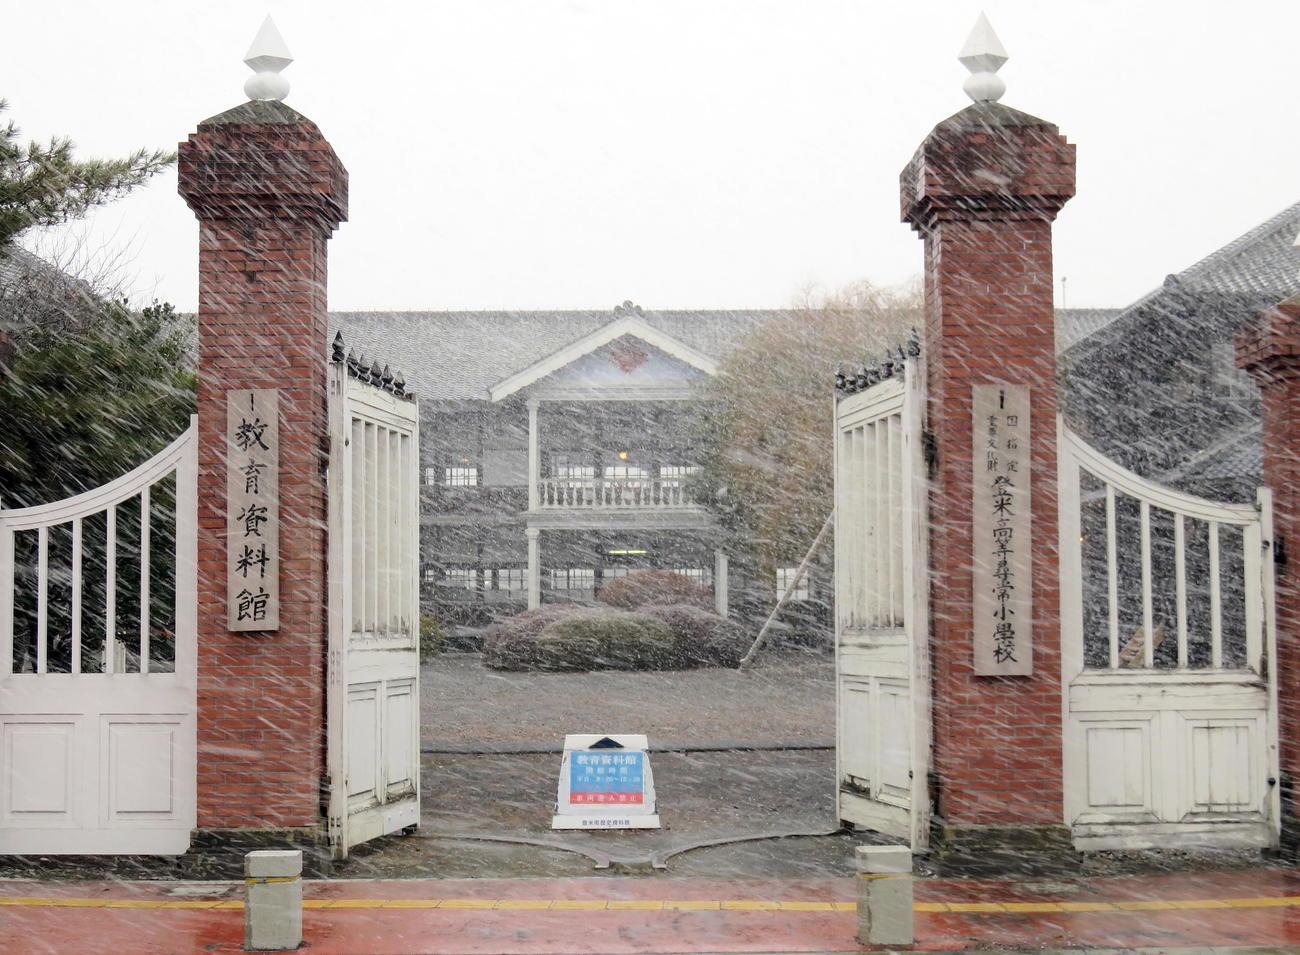 福島県沖地震で一部が破損した登米市教育資料館(撮影・鎌田直秀)